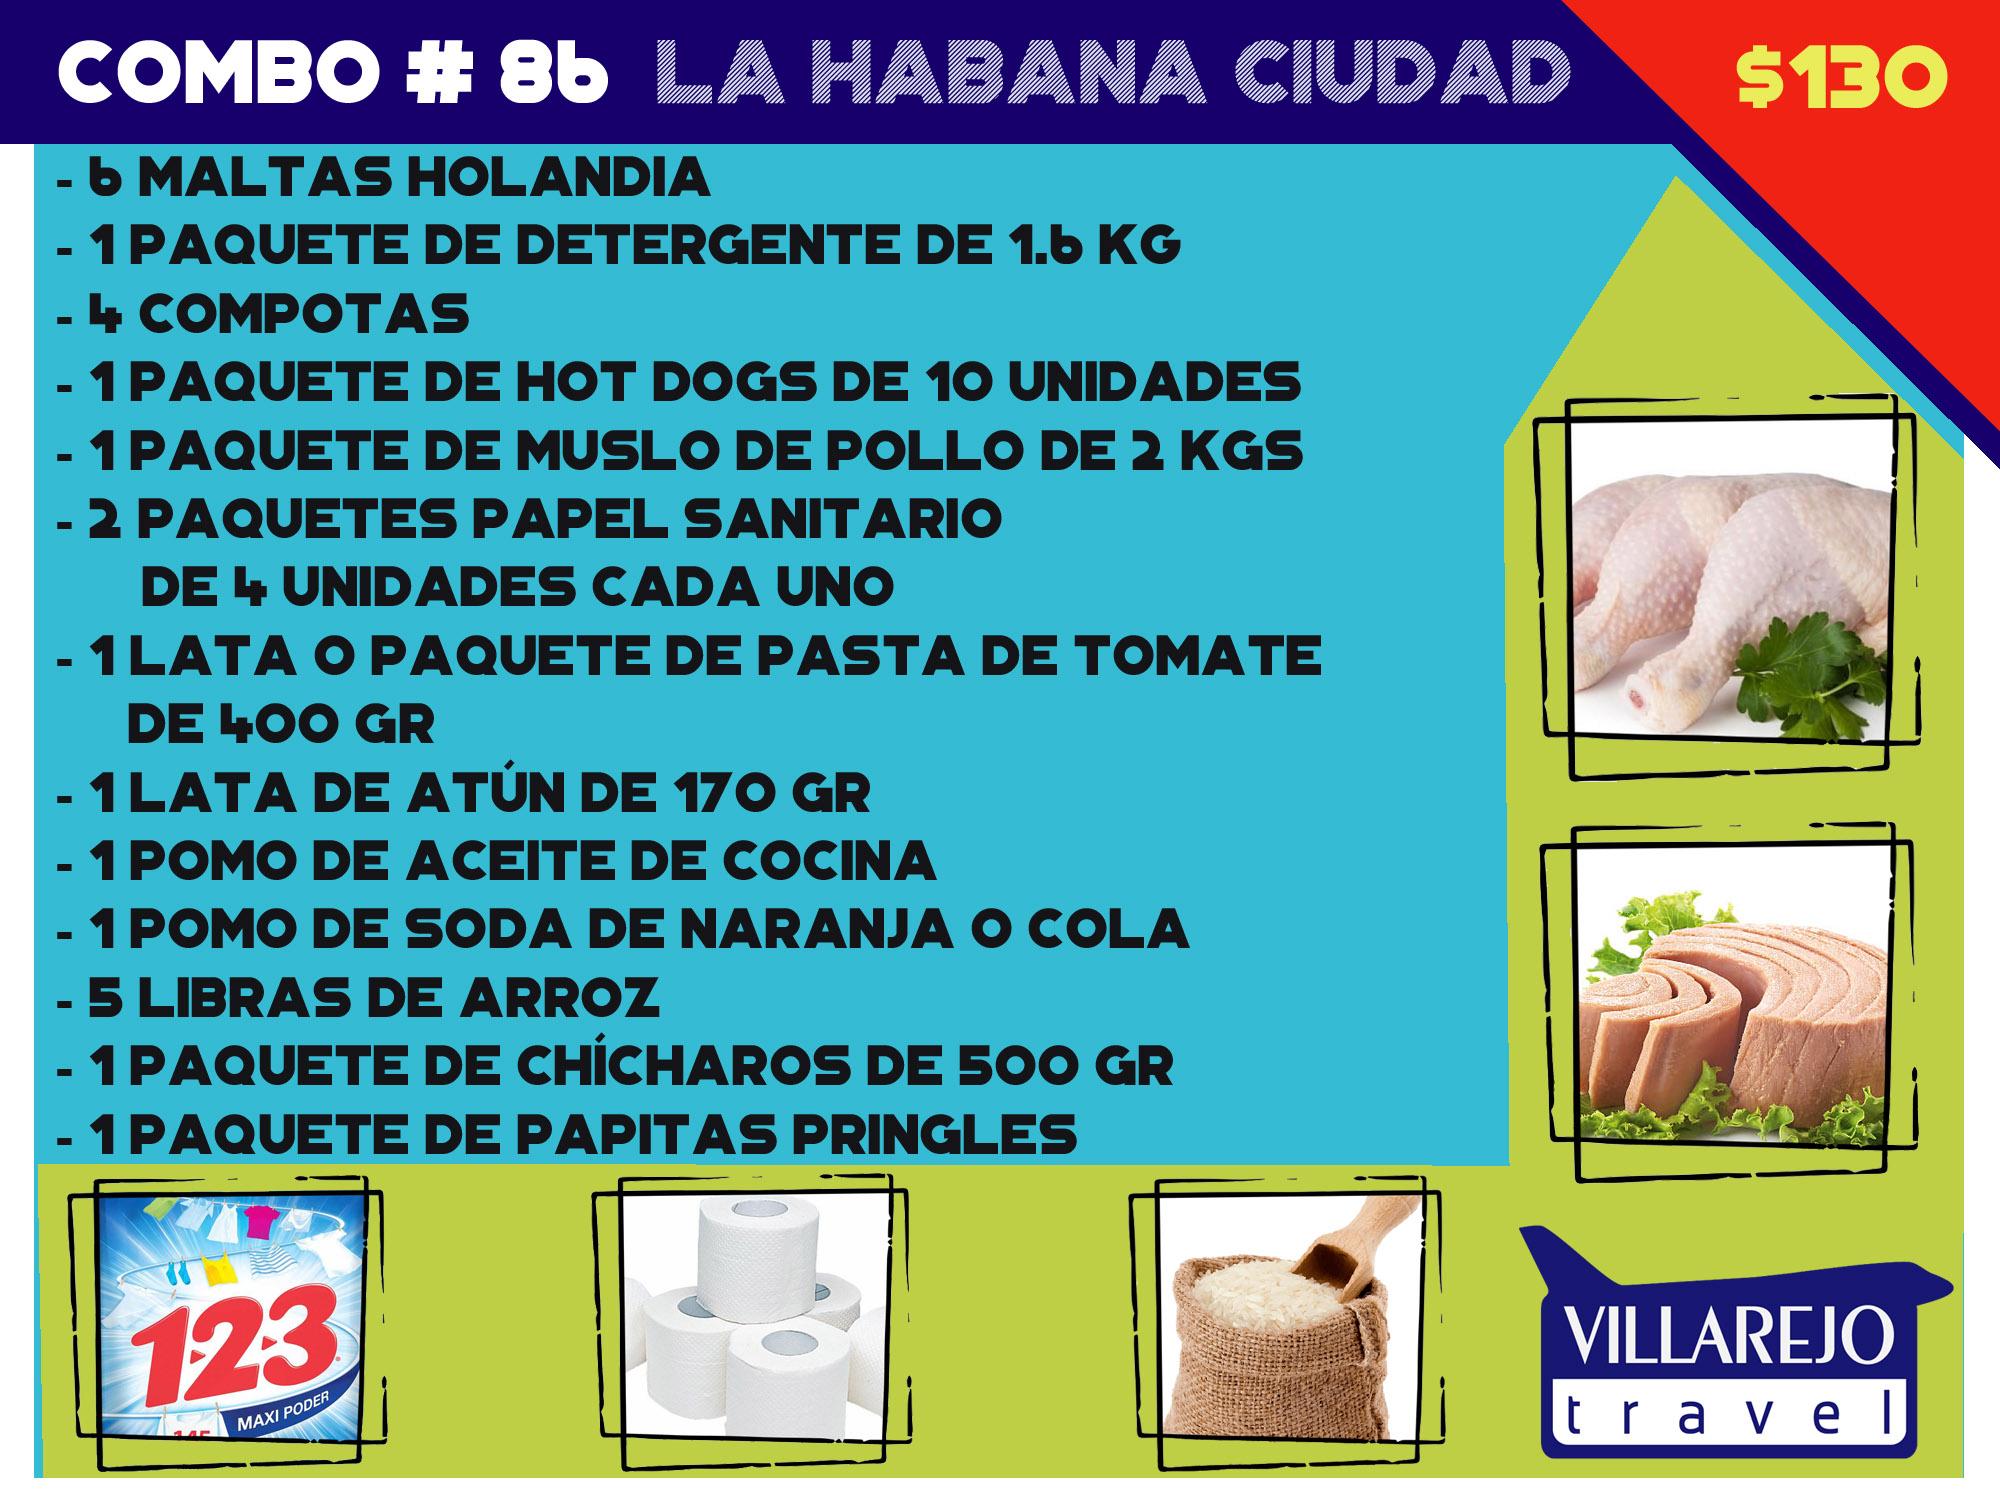 COMBO # 86 PARA LA HABANA CIUDAD